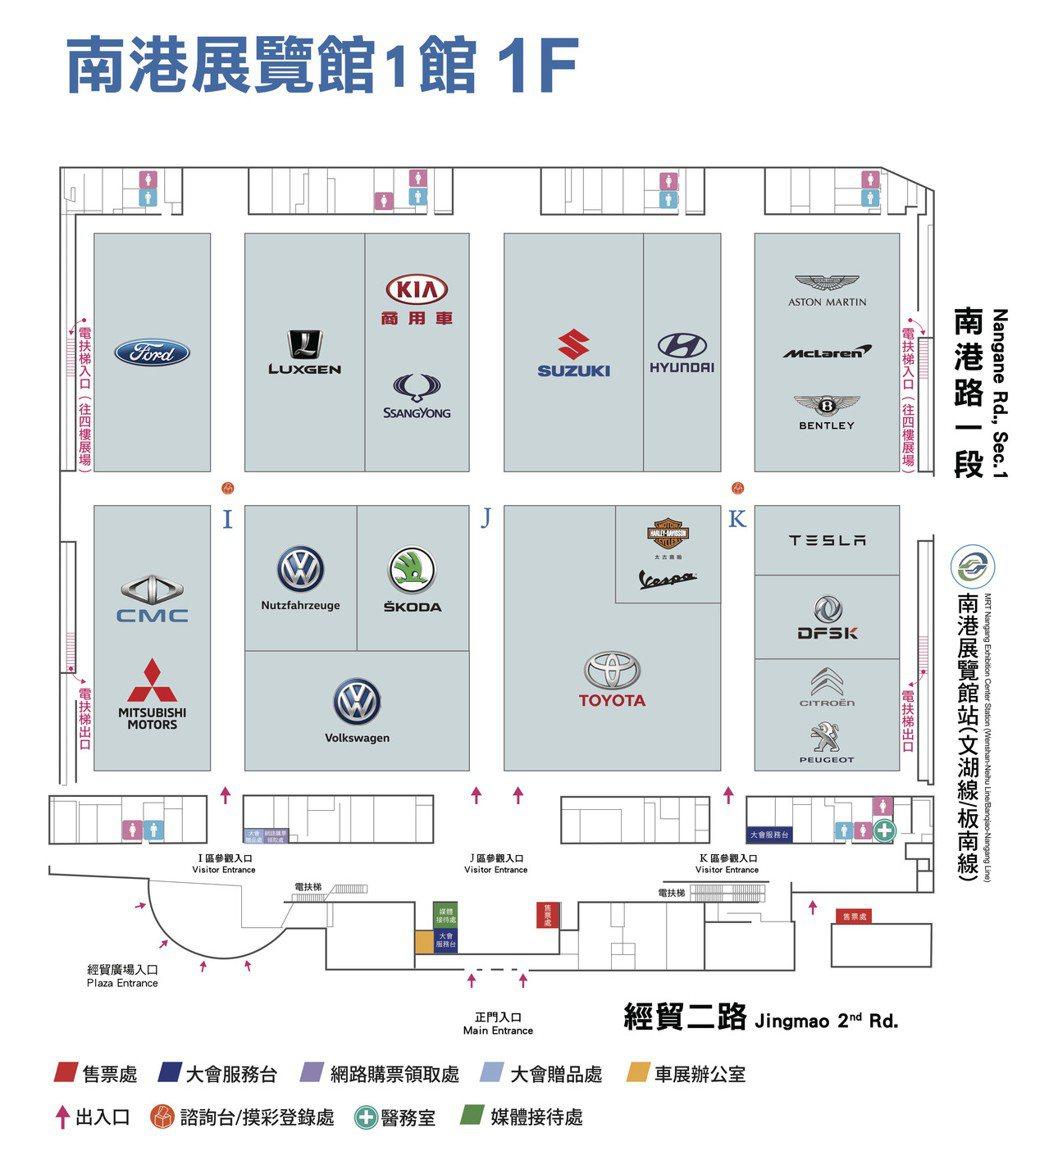 2020世界新車大展1樓展區。 圖/世界新車大展提供